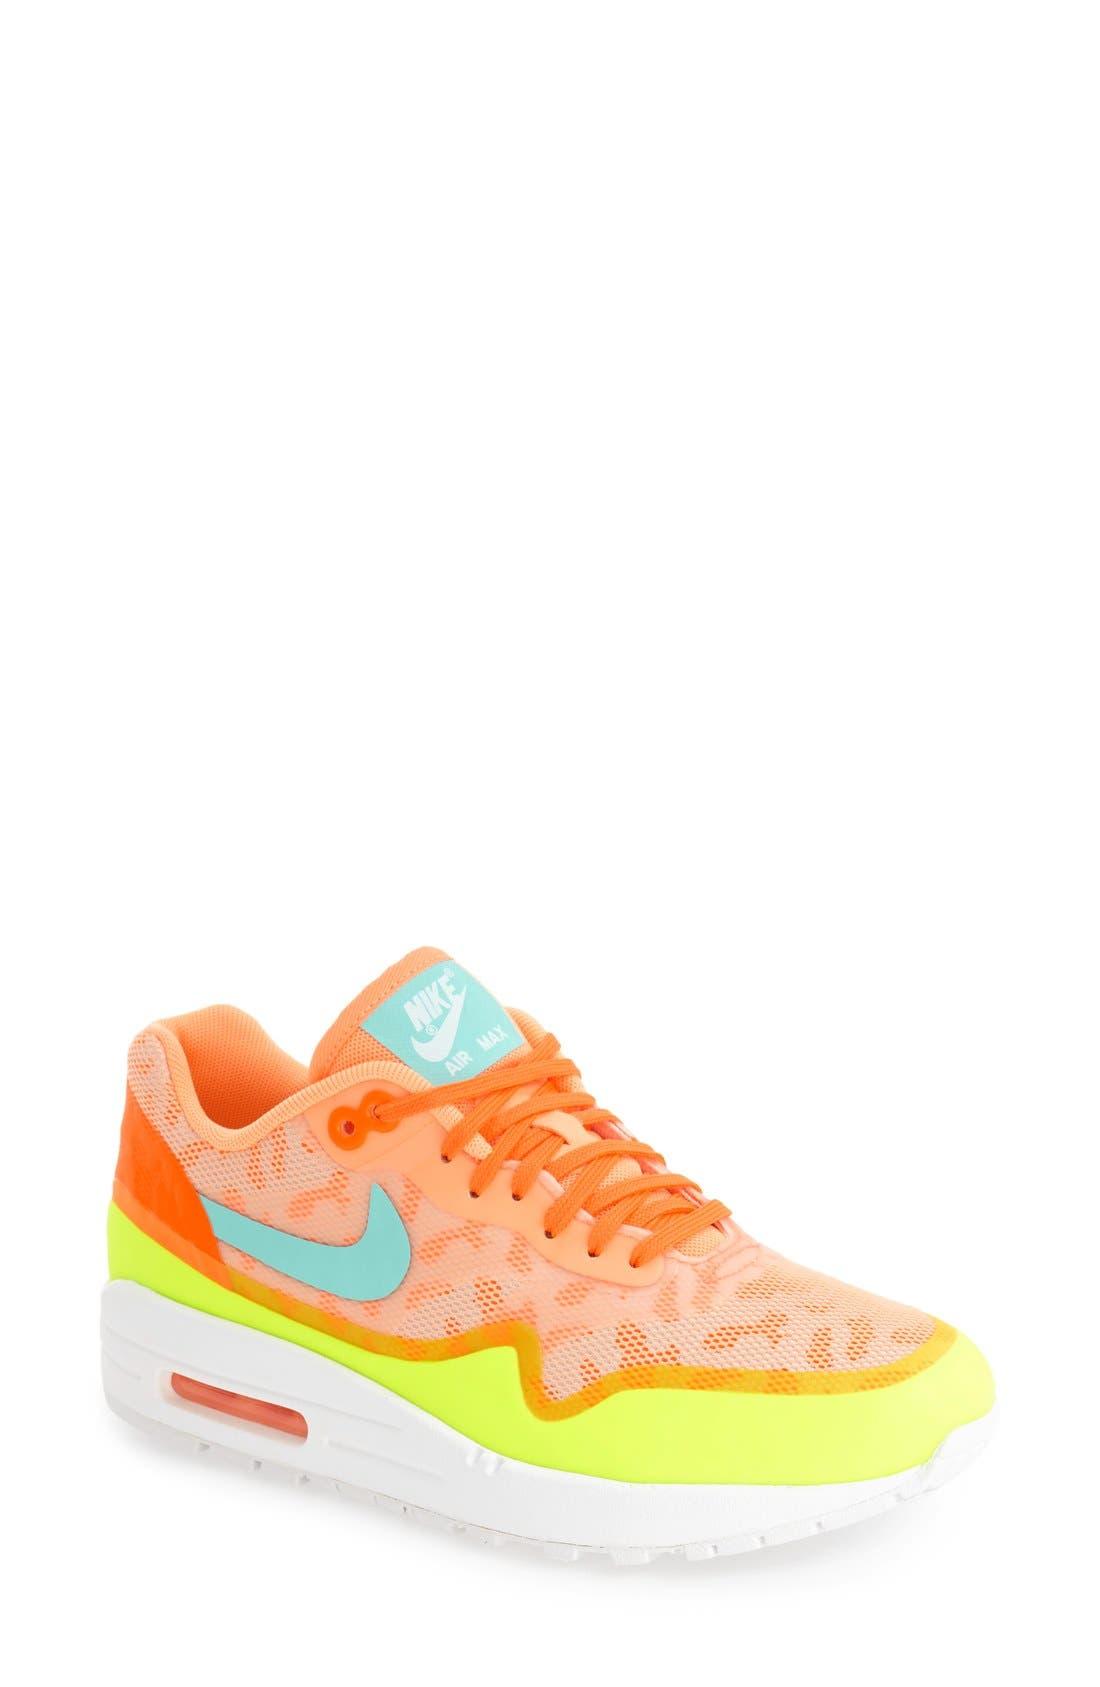 Main Image - Nike 'Air Max 1 NS' Sneaker (Women)